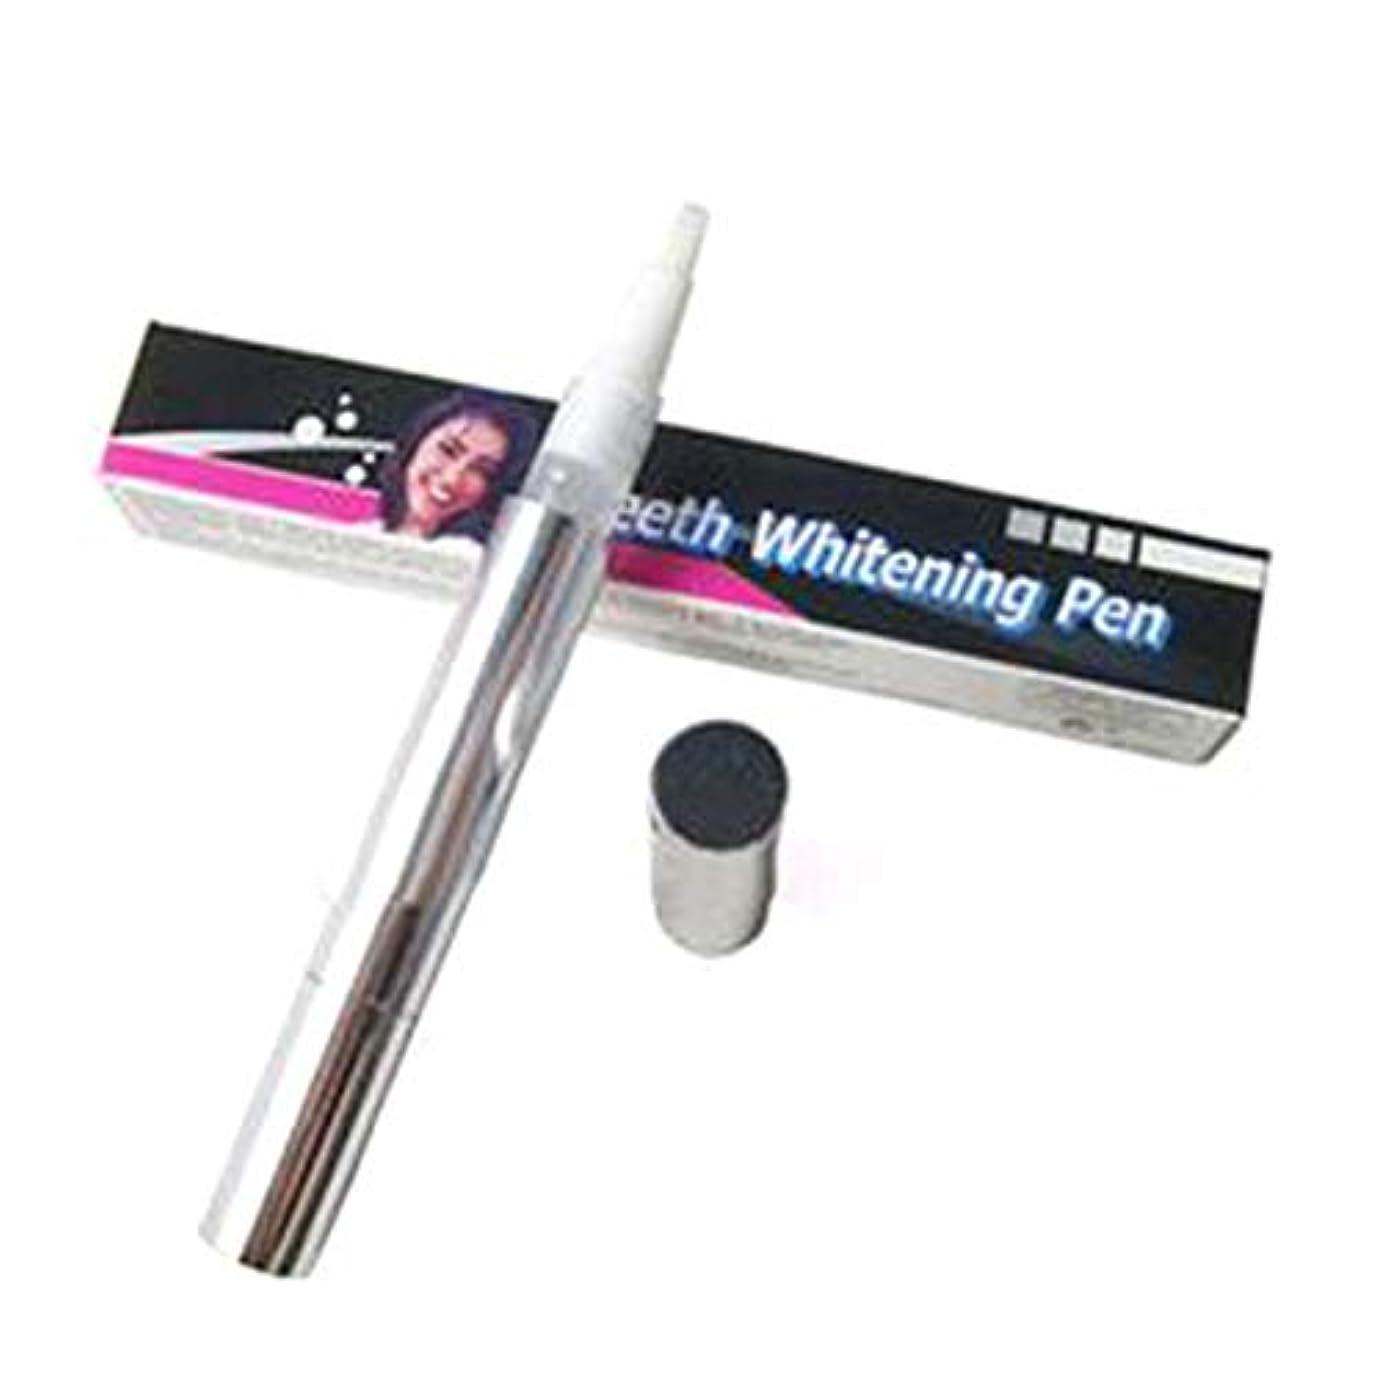 マリン民間インタビューペンホワイトニングペン強力な汚れ消しゴム除去速い漂白歯ジェルホワイトナー歯科口腔衛生用品 - シルバー